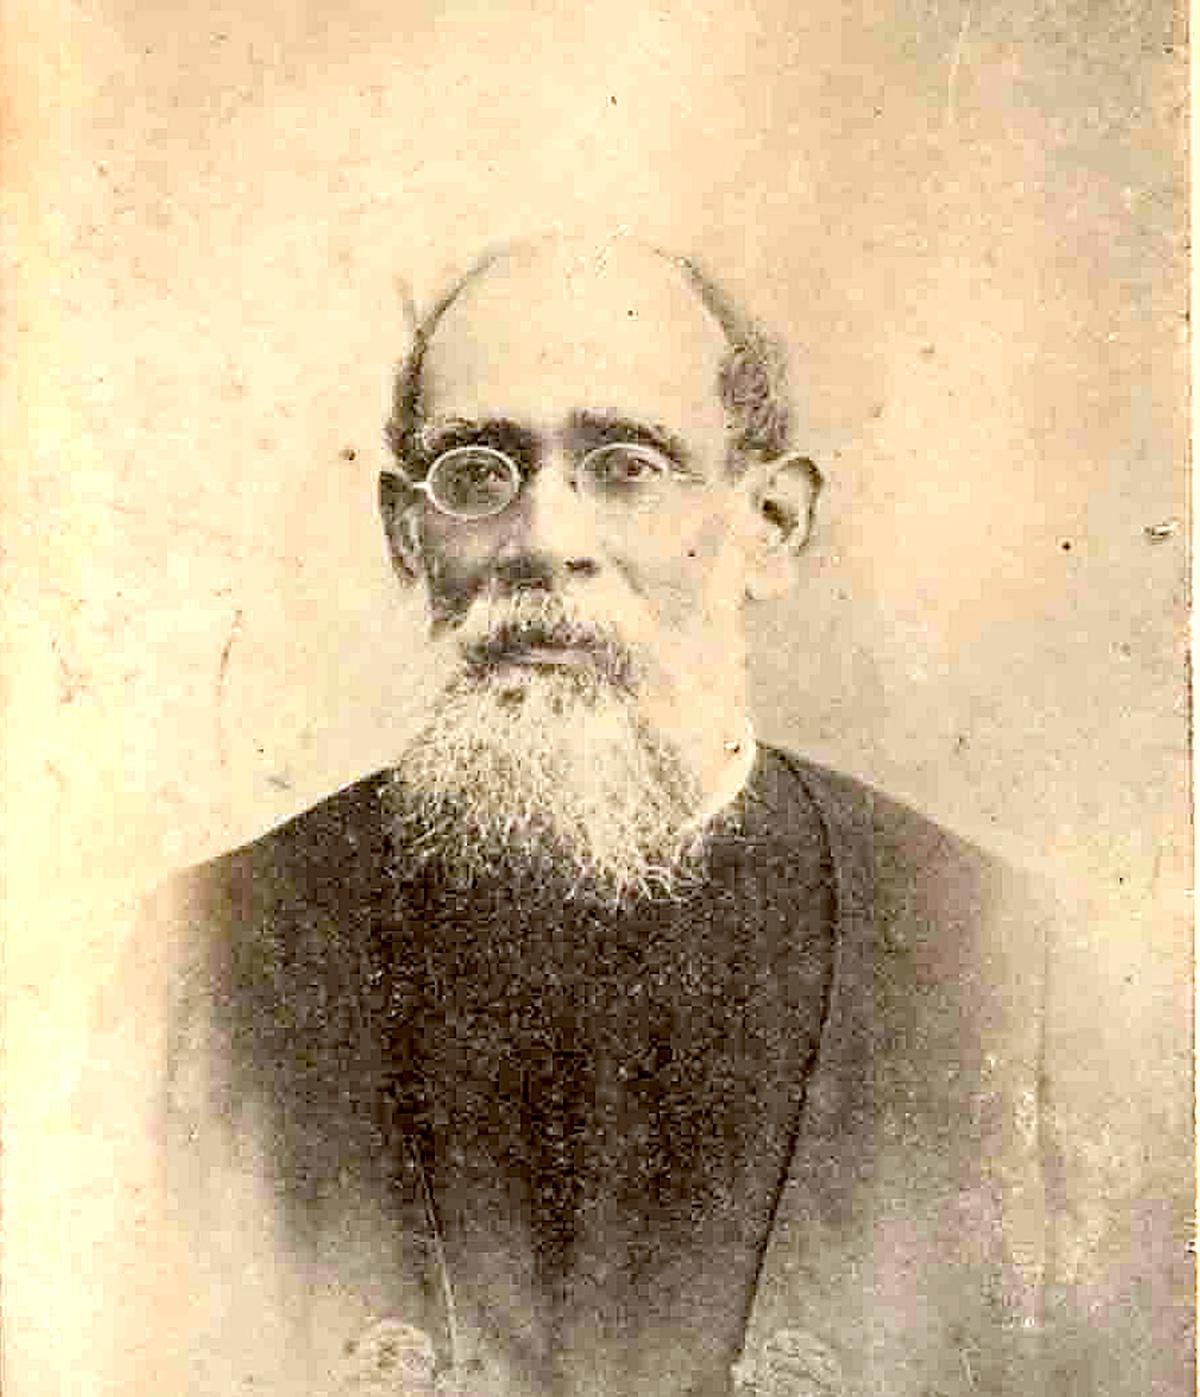 dadabhai naoroji essays speeches addresses and writings